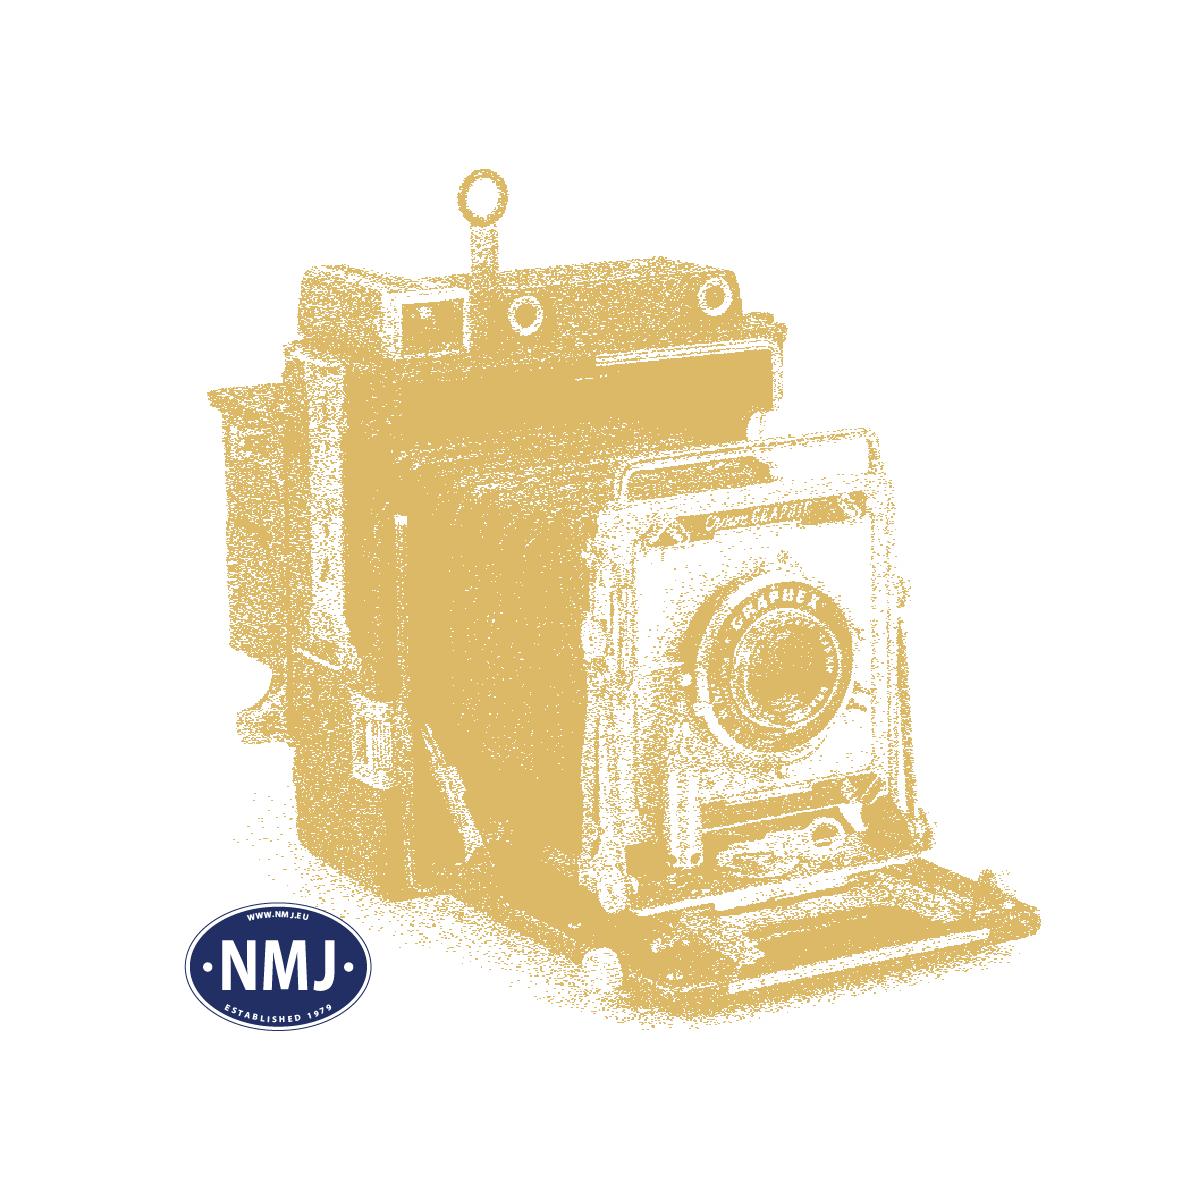 NMJS L4 50191 - NMJ Superline NSB L4 50191, *NMJ 40 ÅR*